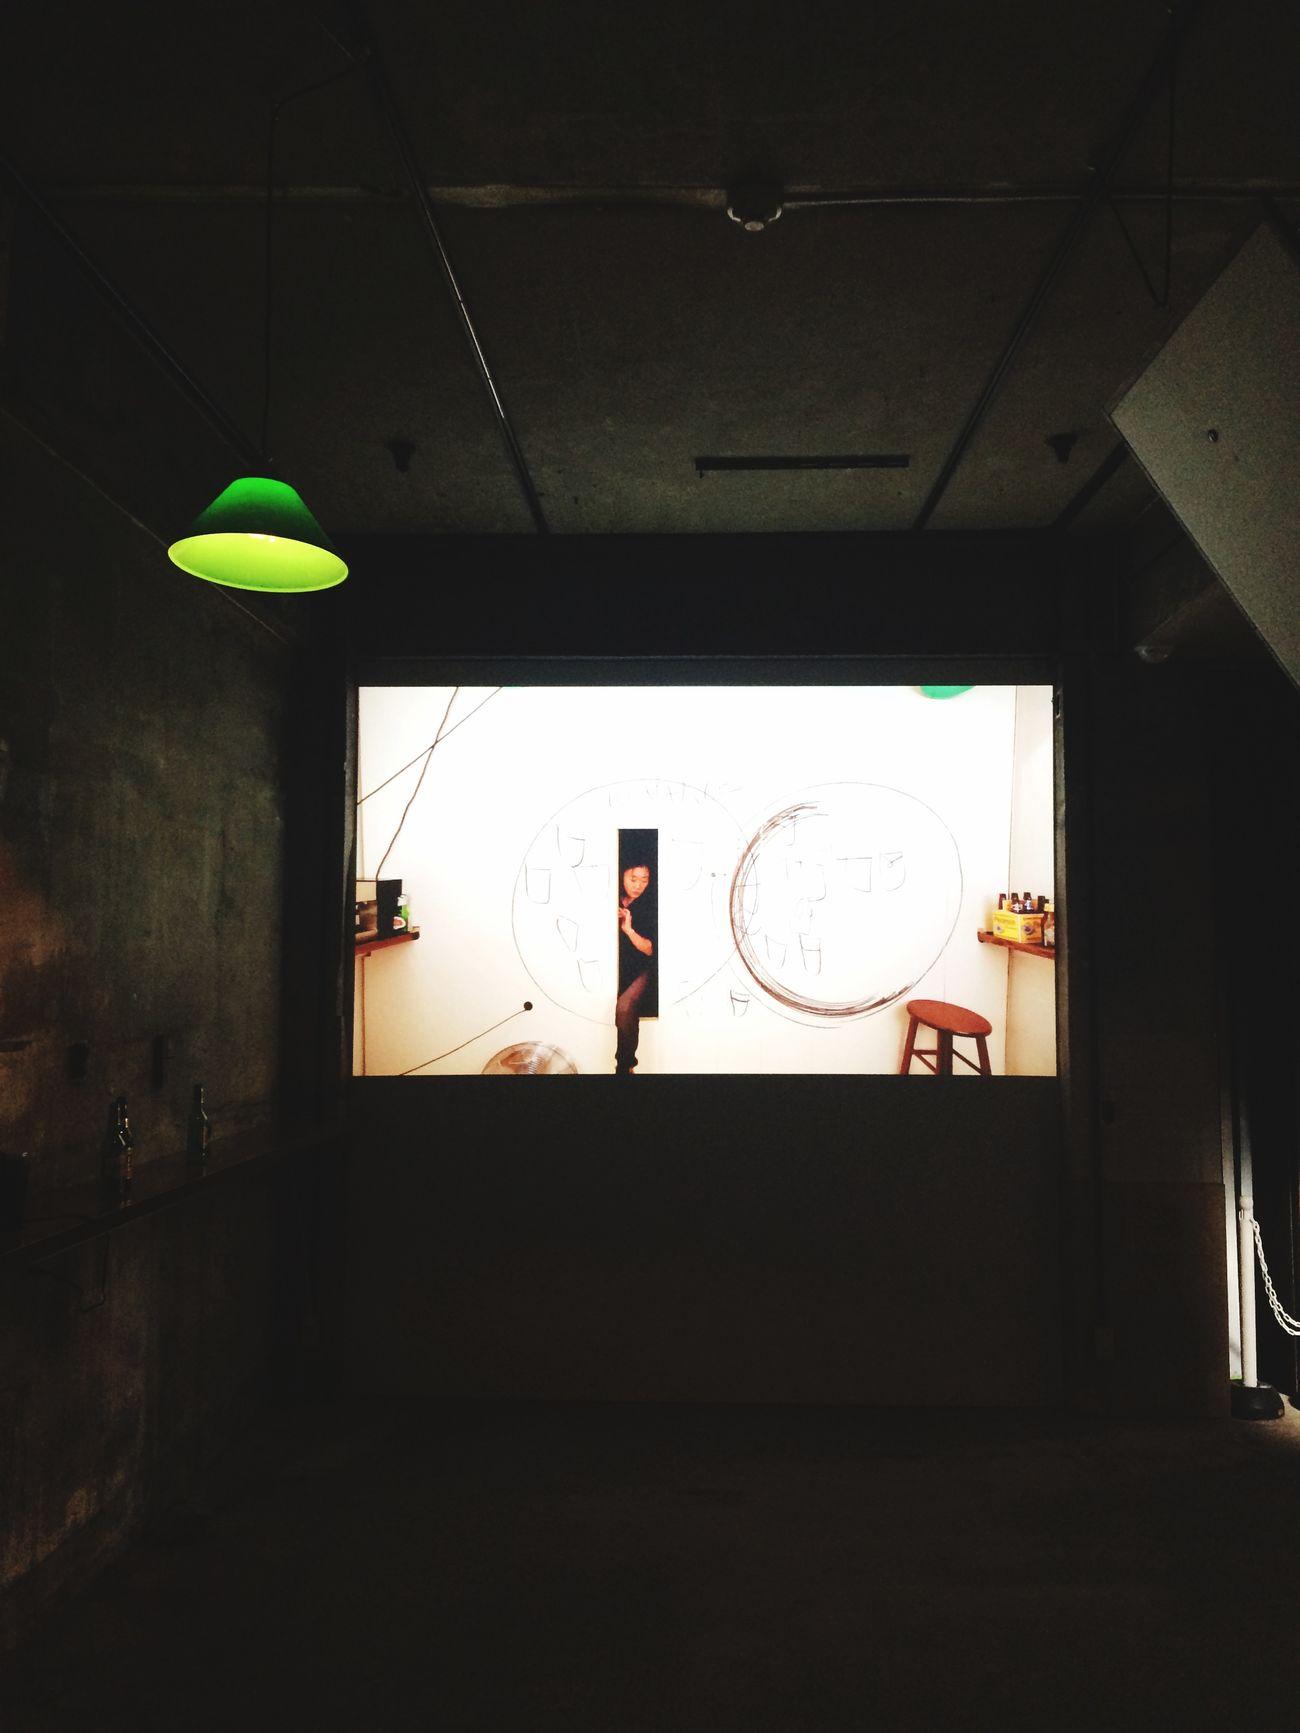 笹本晃さんのインスタレーション。目が離せないほど面白くて、ポップだった。 PARASOPHIA 笹本晃 堀川団地